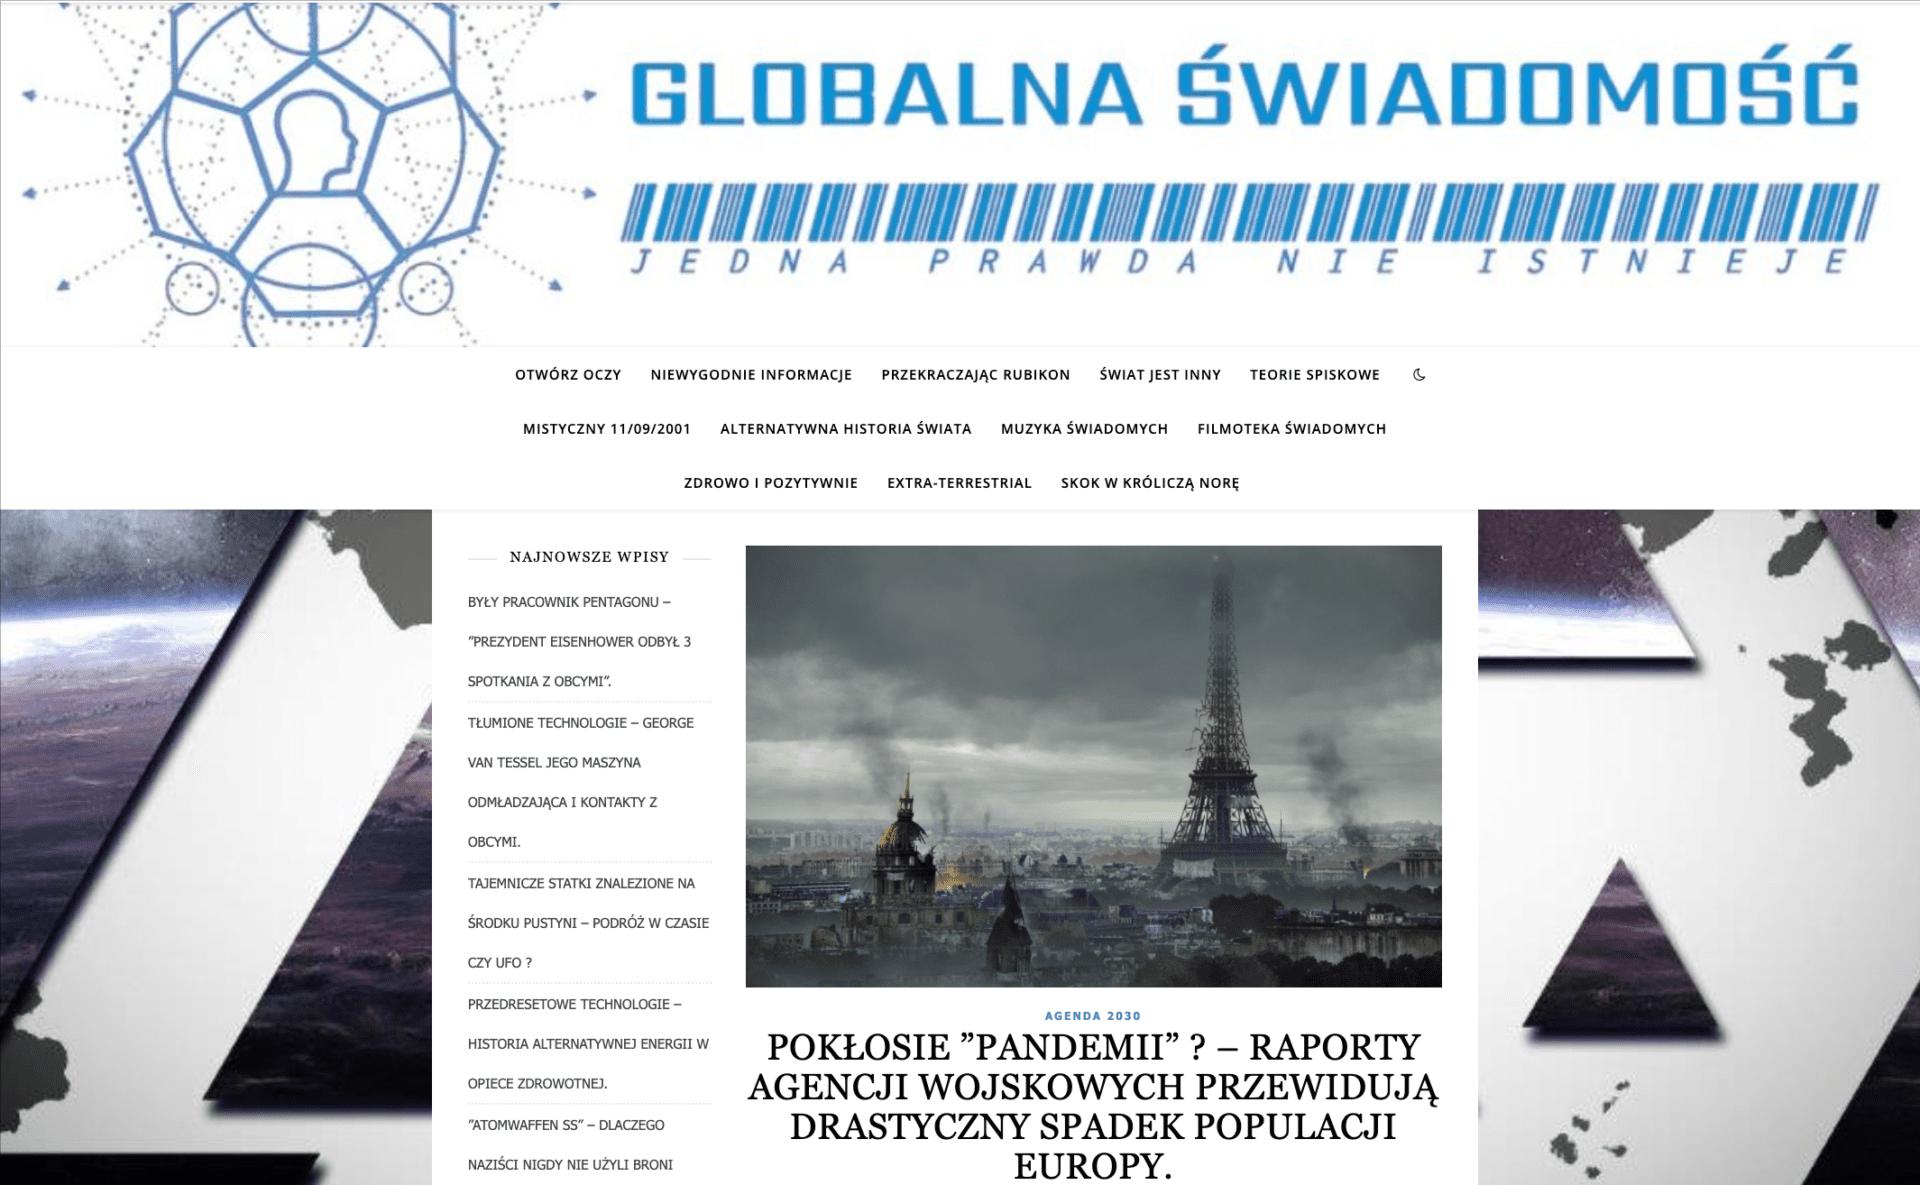 Zrzut ekranu ze strony portalu Globalna Świadomość, naktórym widać tytuł artykułu. Nazdjęciu dołączonym doartykułu jest grafika zpanoramą Paryża, nadmiastem unoszą się czarne chmury, płoną historyczne budowle, m.in. wieża Eiffela.